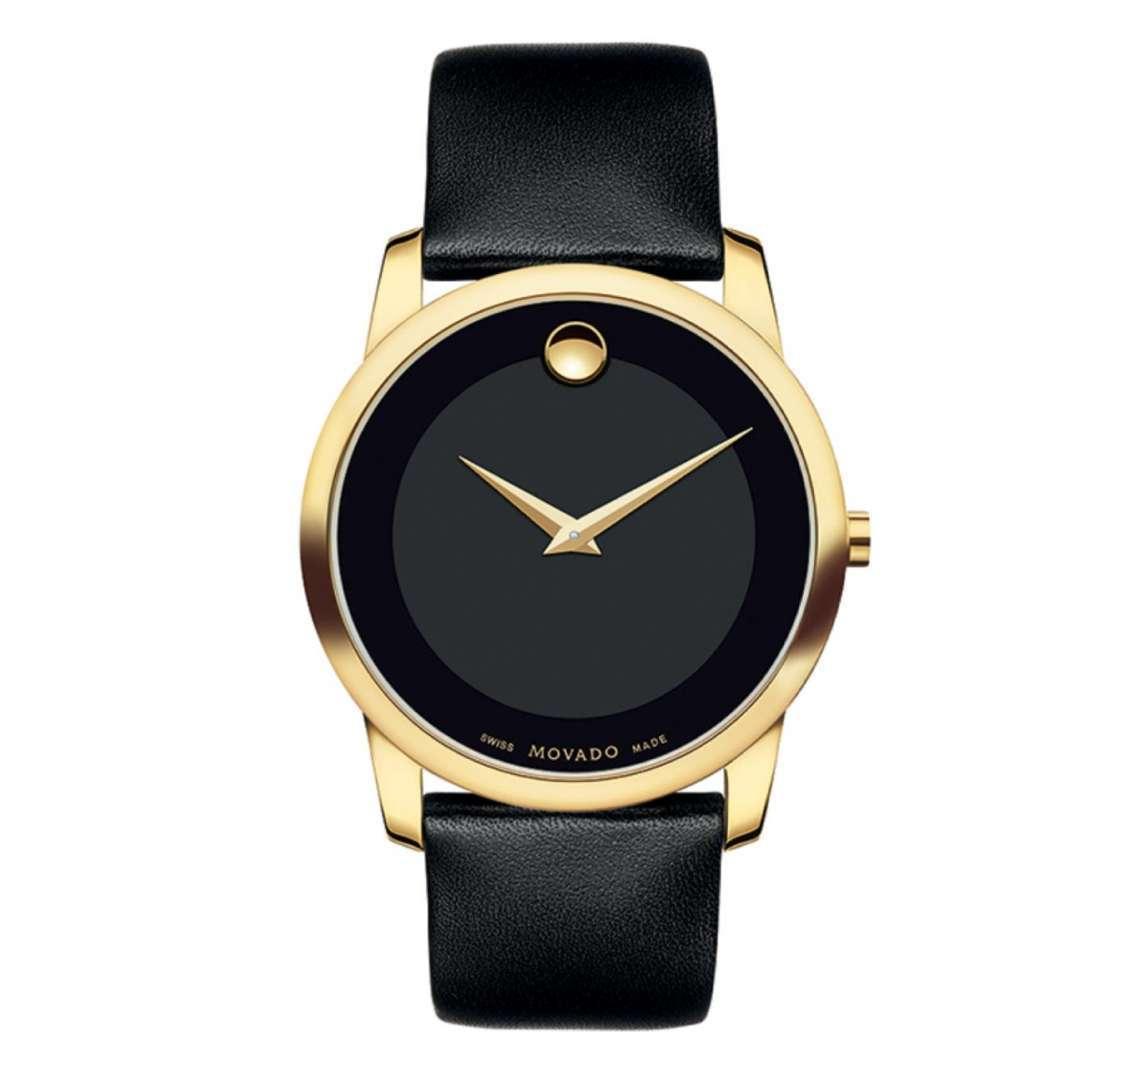 שעון יד אנלוגי 0606876 Movado מובאדו